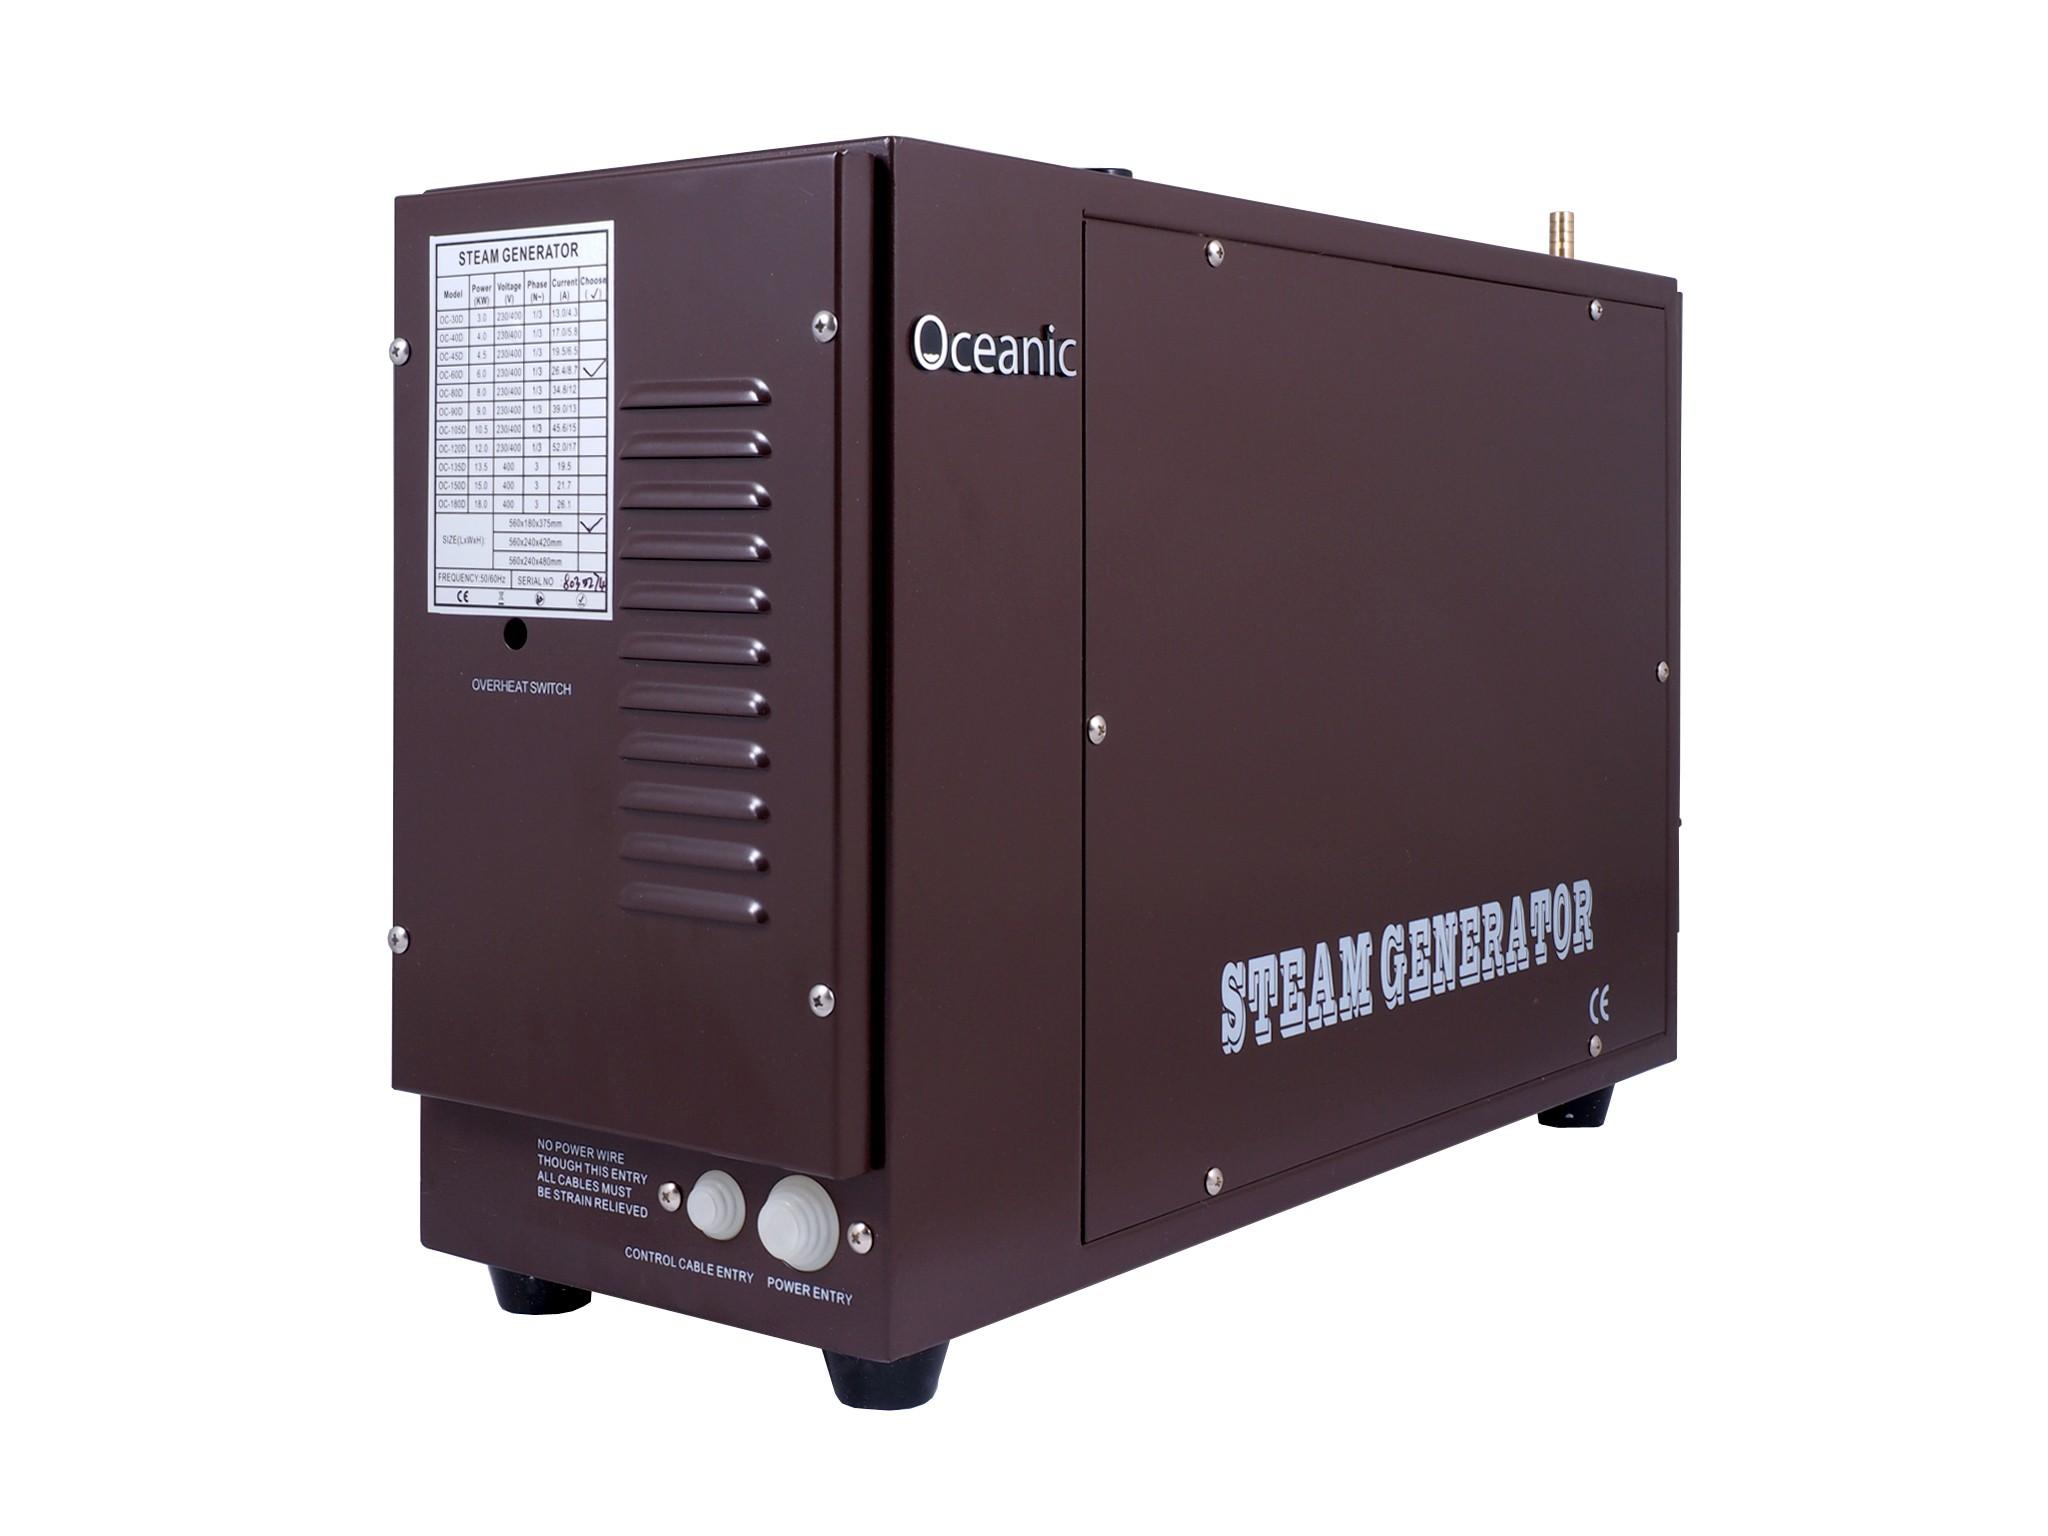 Generatore Di Vapore Per Bagno Turco OC D Da 18kW Uso